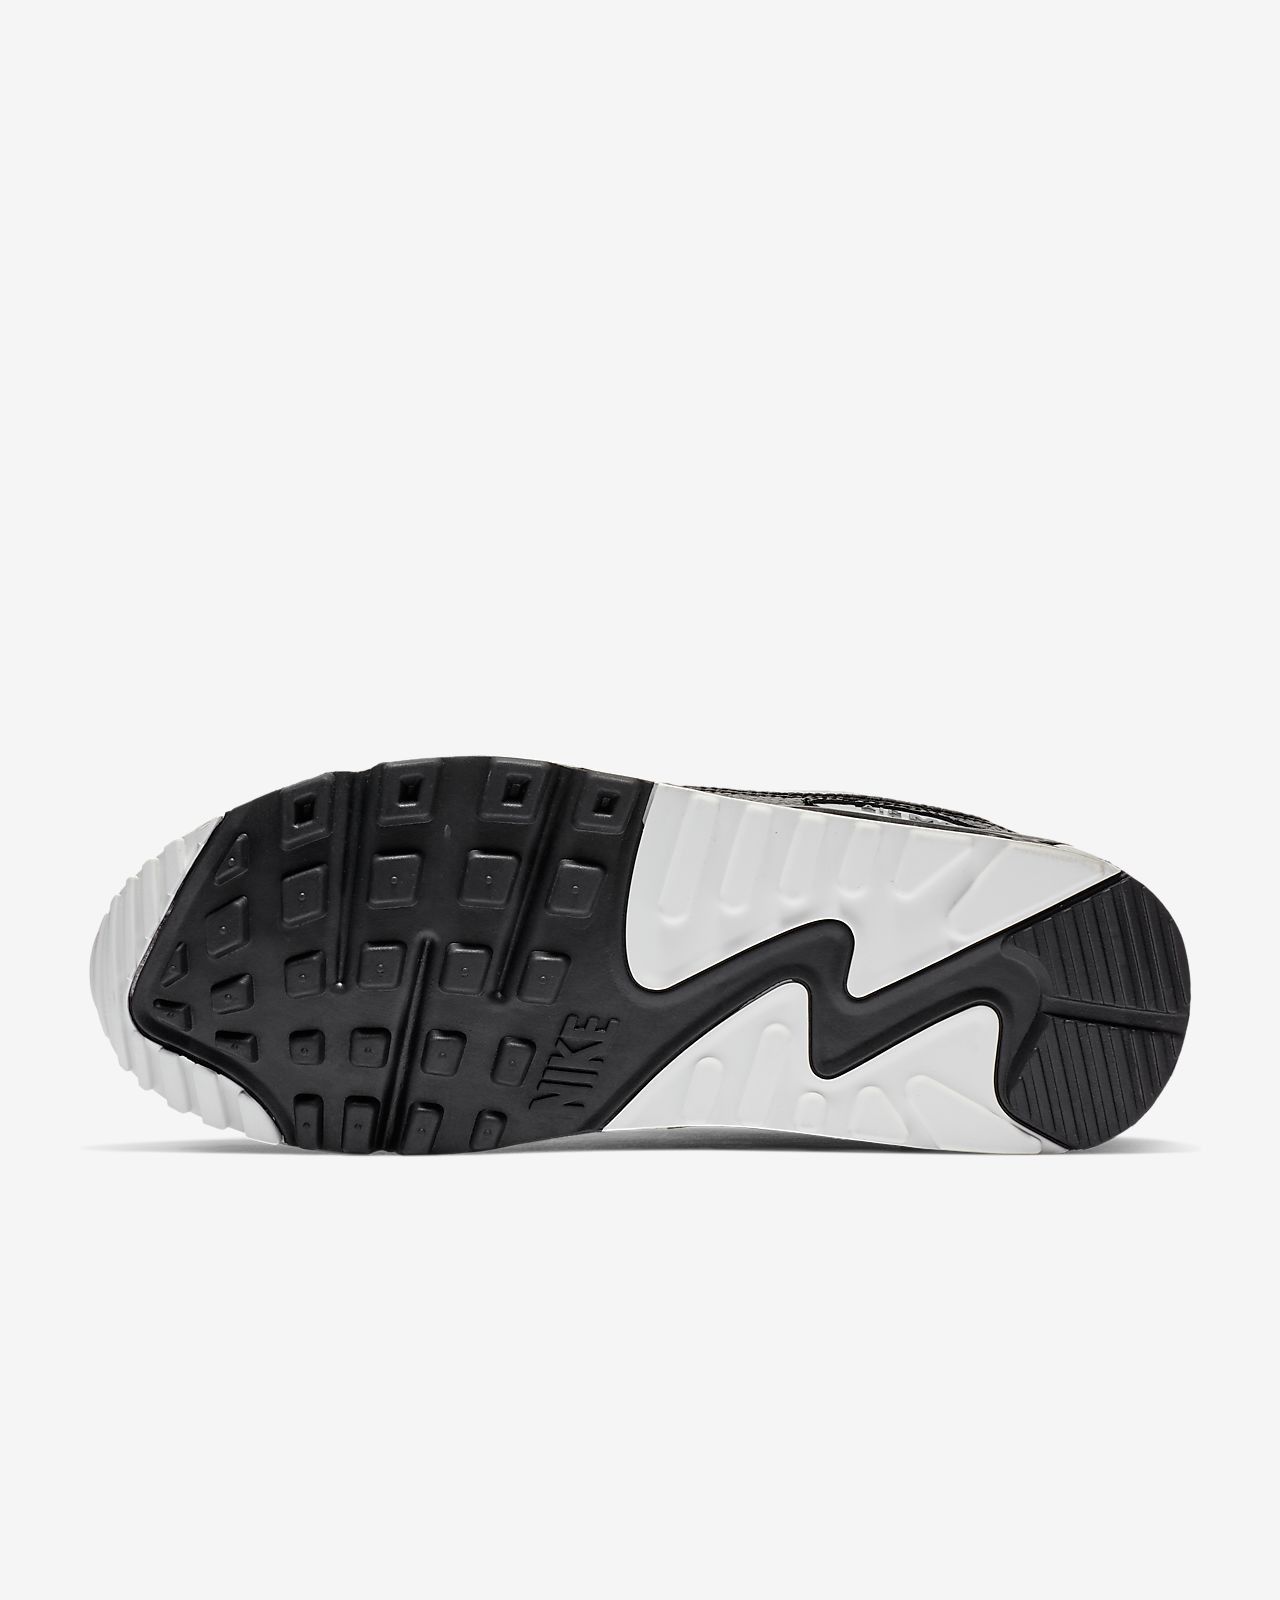 a72406cae94 Nike Air Max 90 Women s Shoe. Nike.com VN